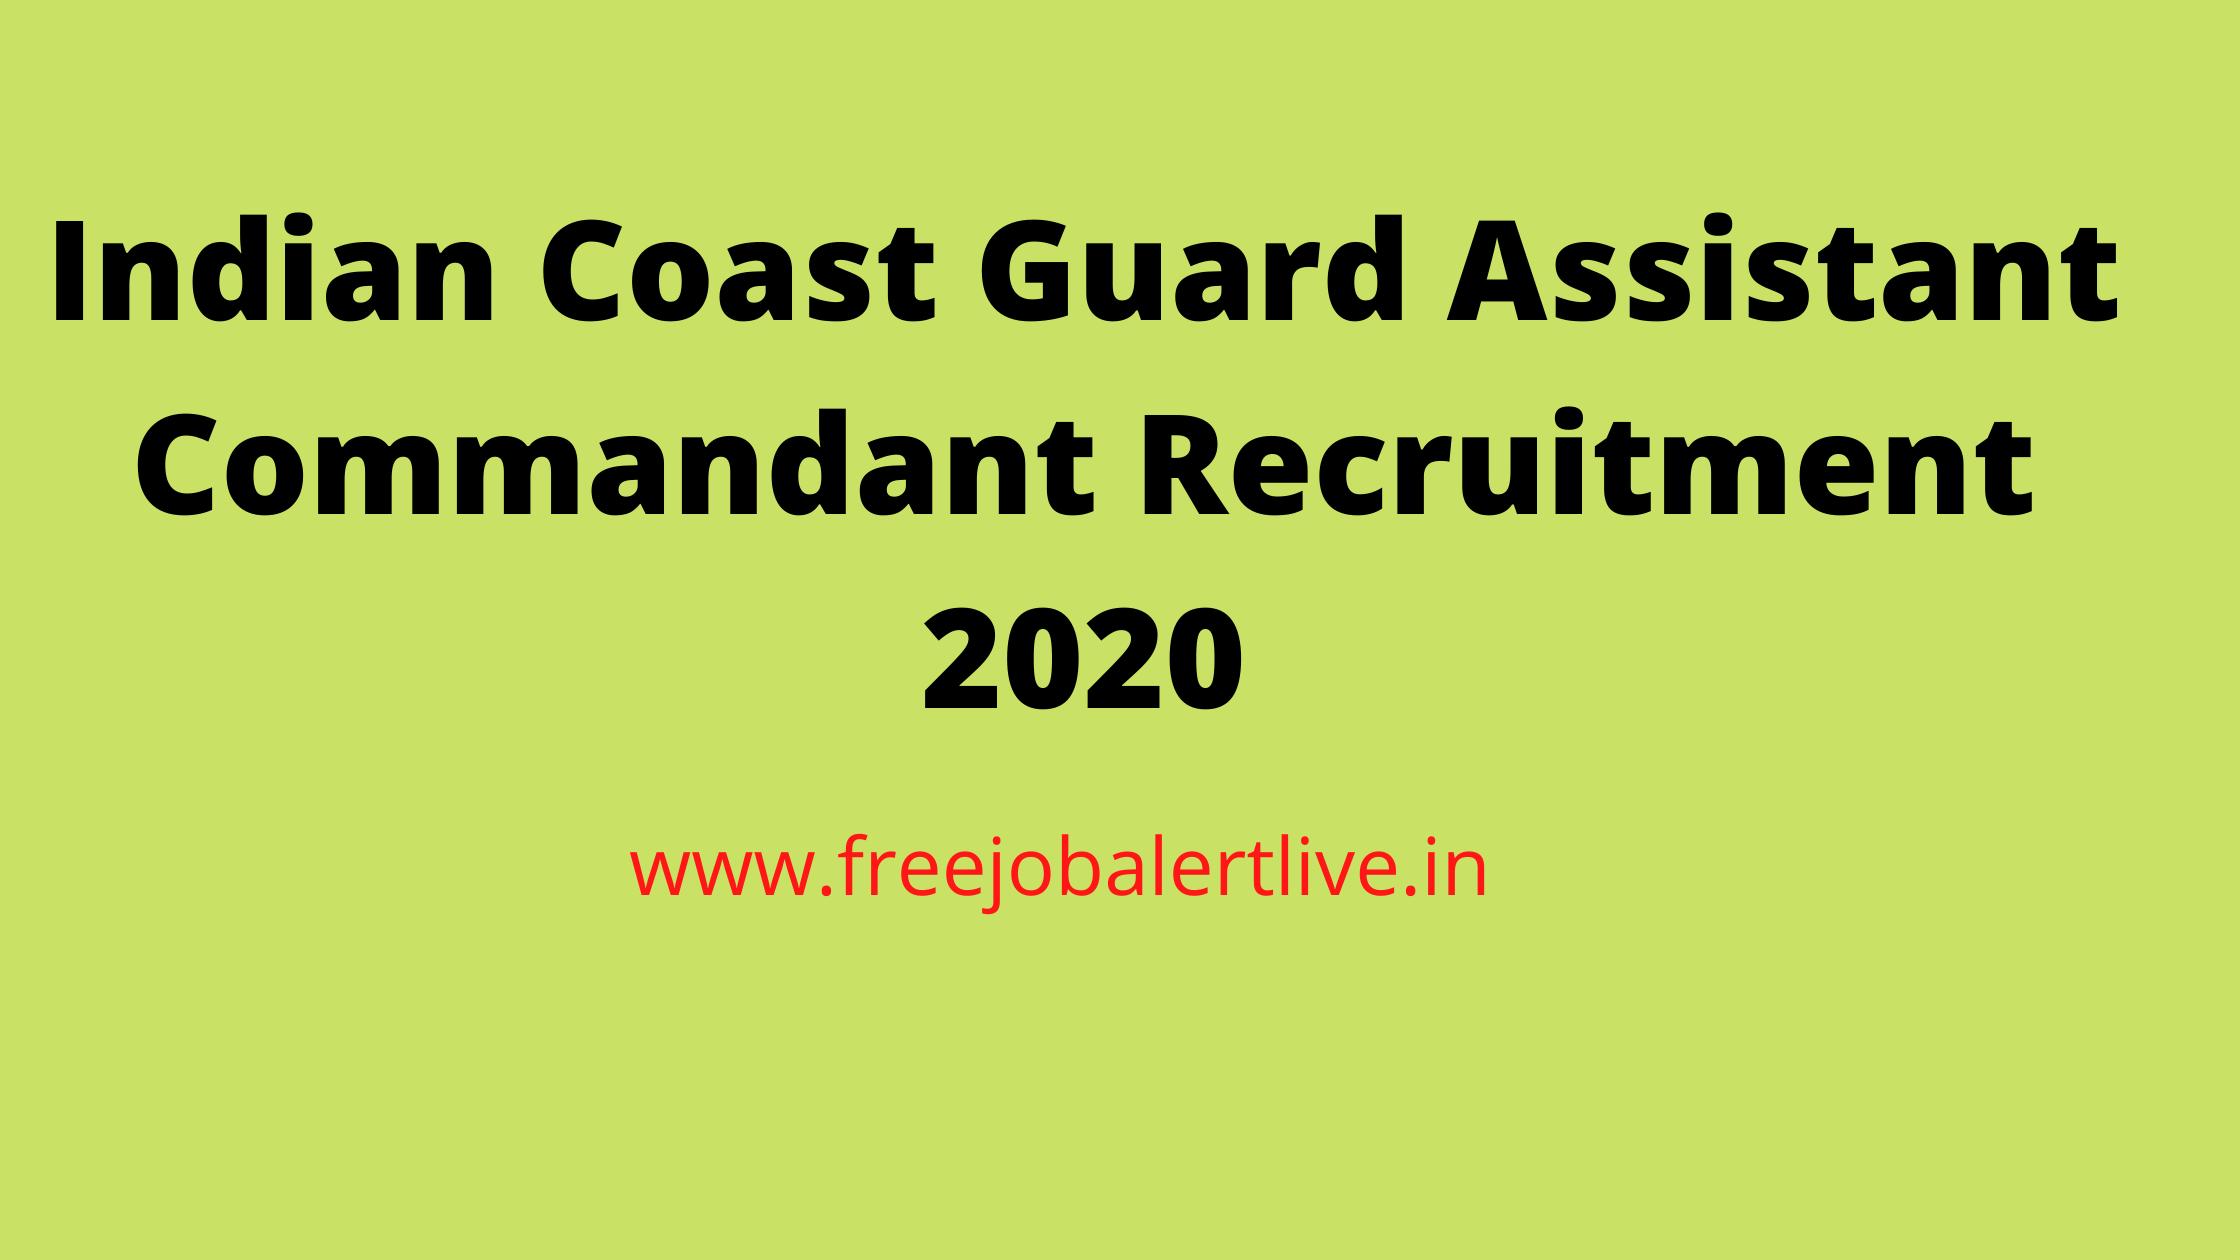 Indian Coast Guard Assistant Commandant Recruitment 2020